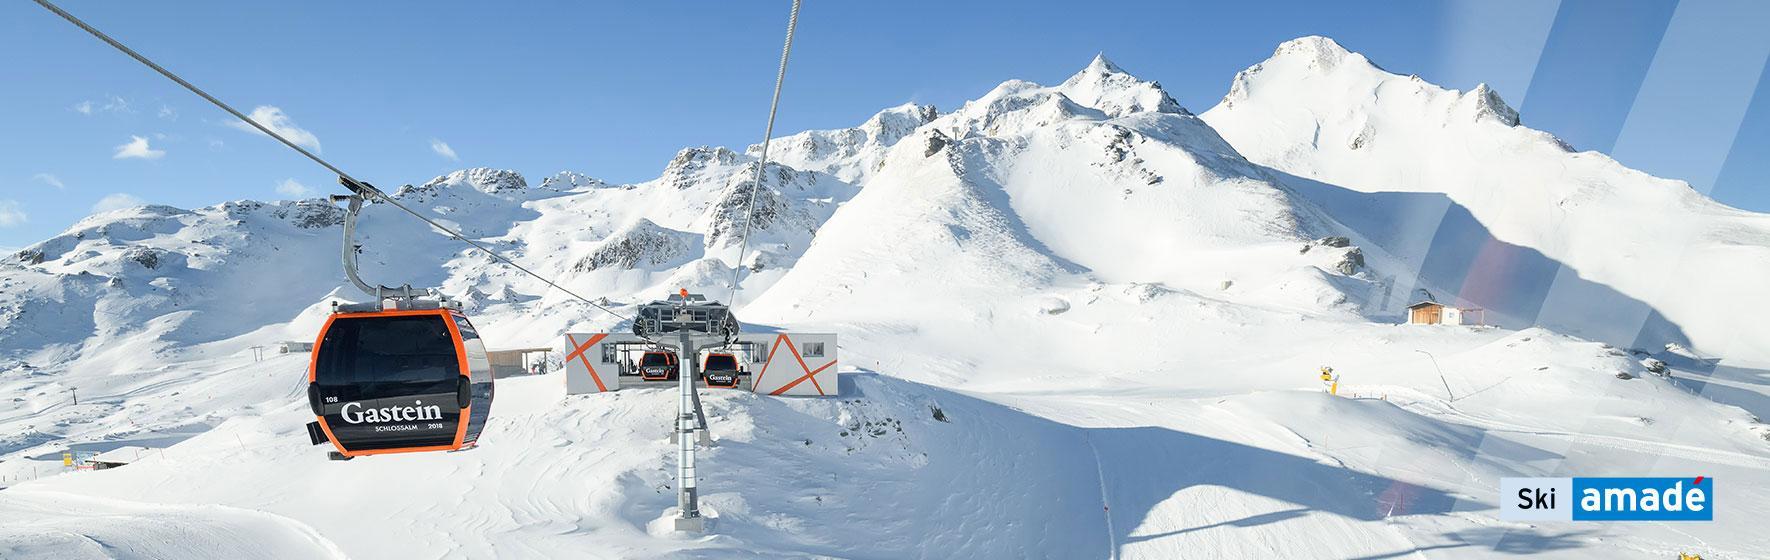 skiwelt amade gewinn skiticket